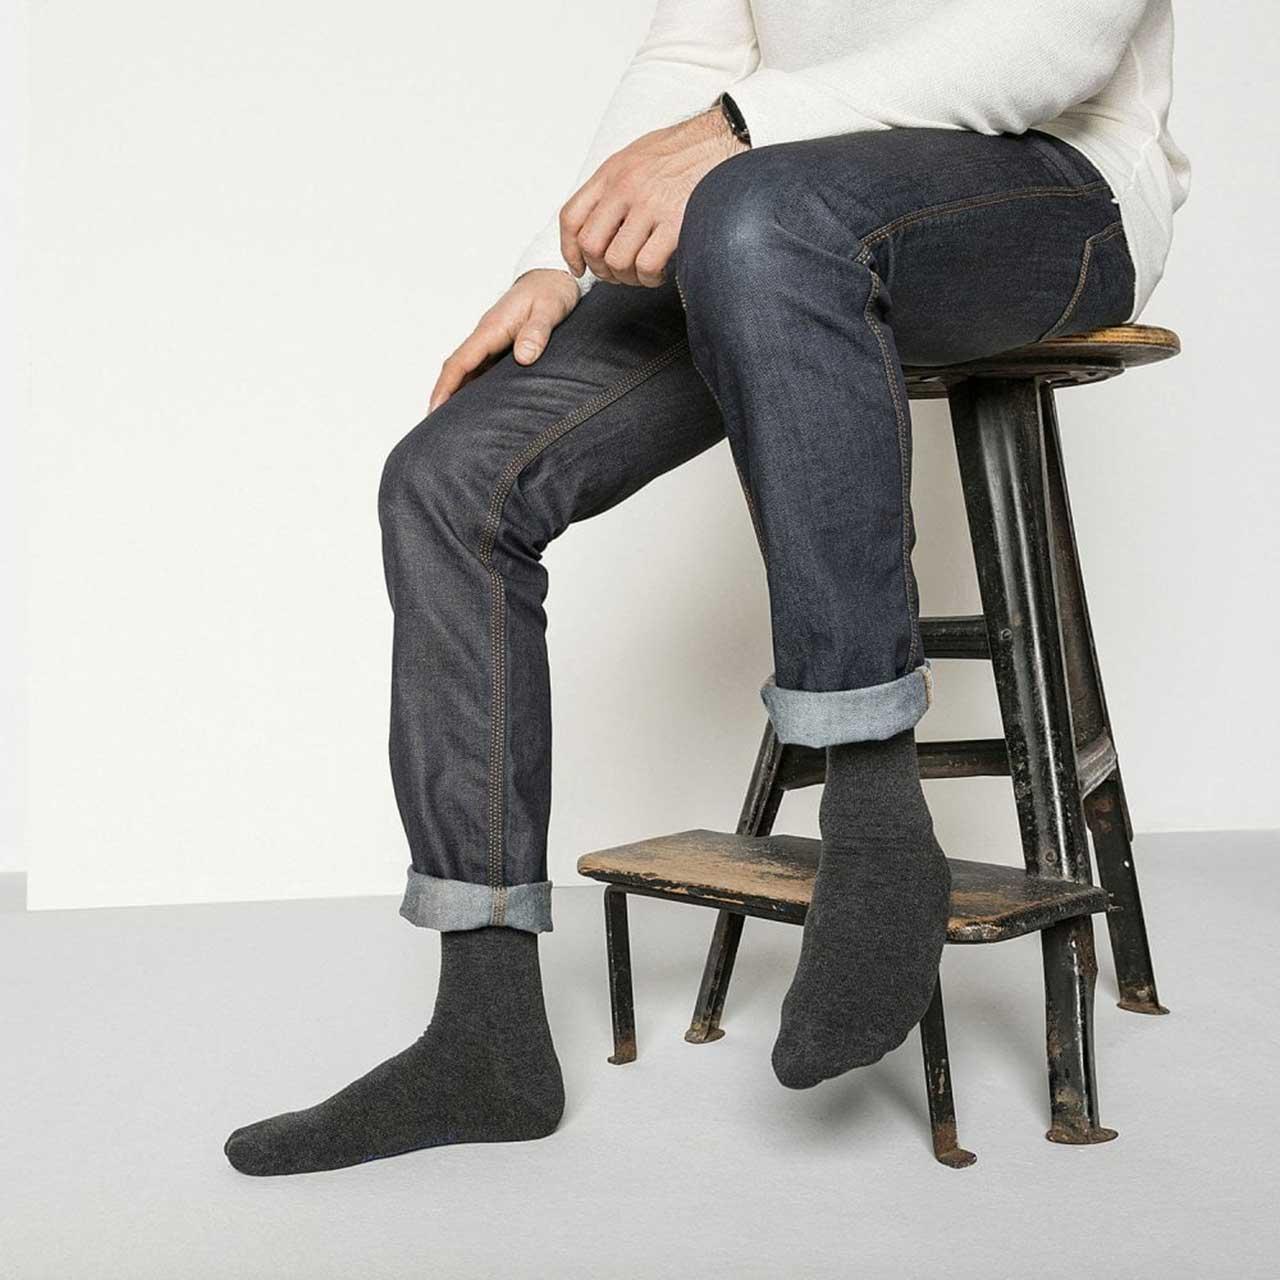 Šedé bavlněné ponožky Cotton Sole – 39 - 41